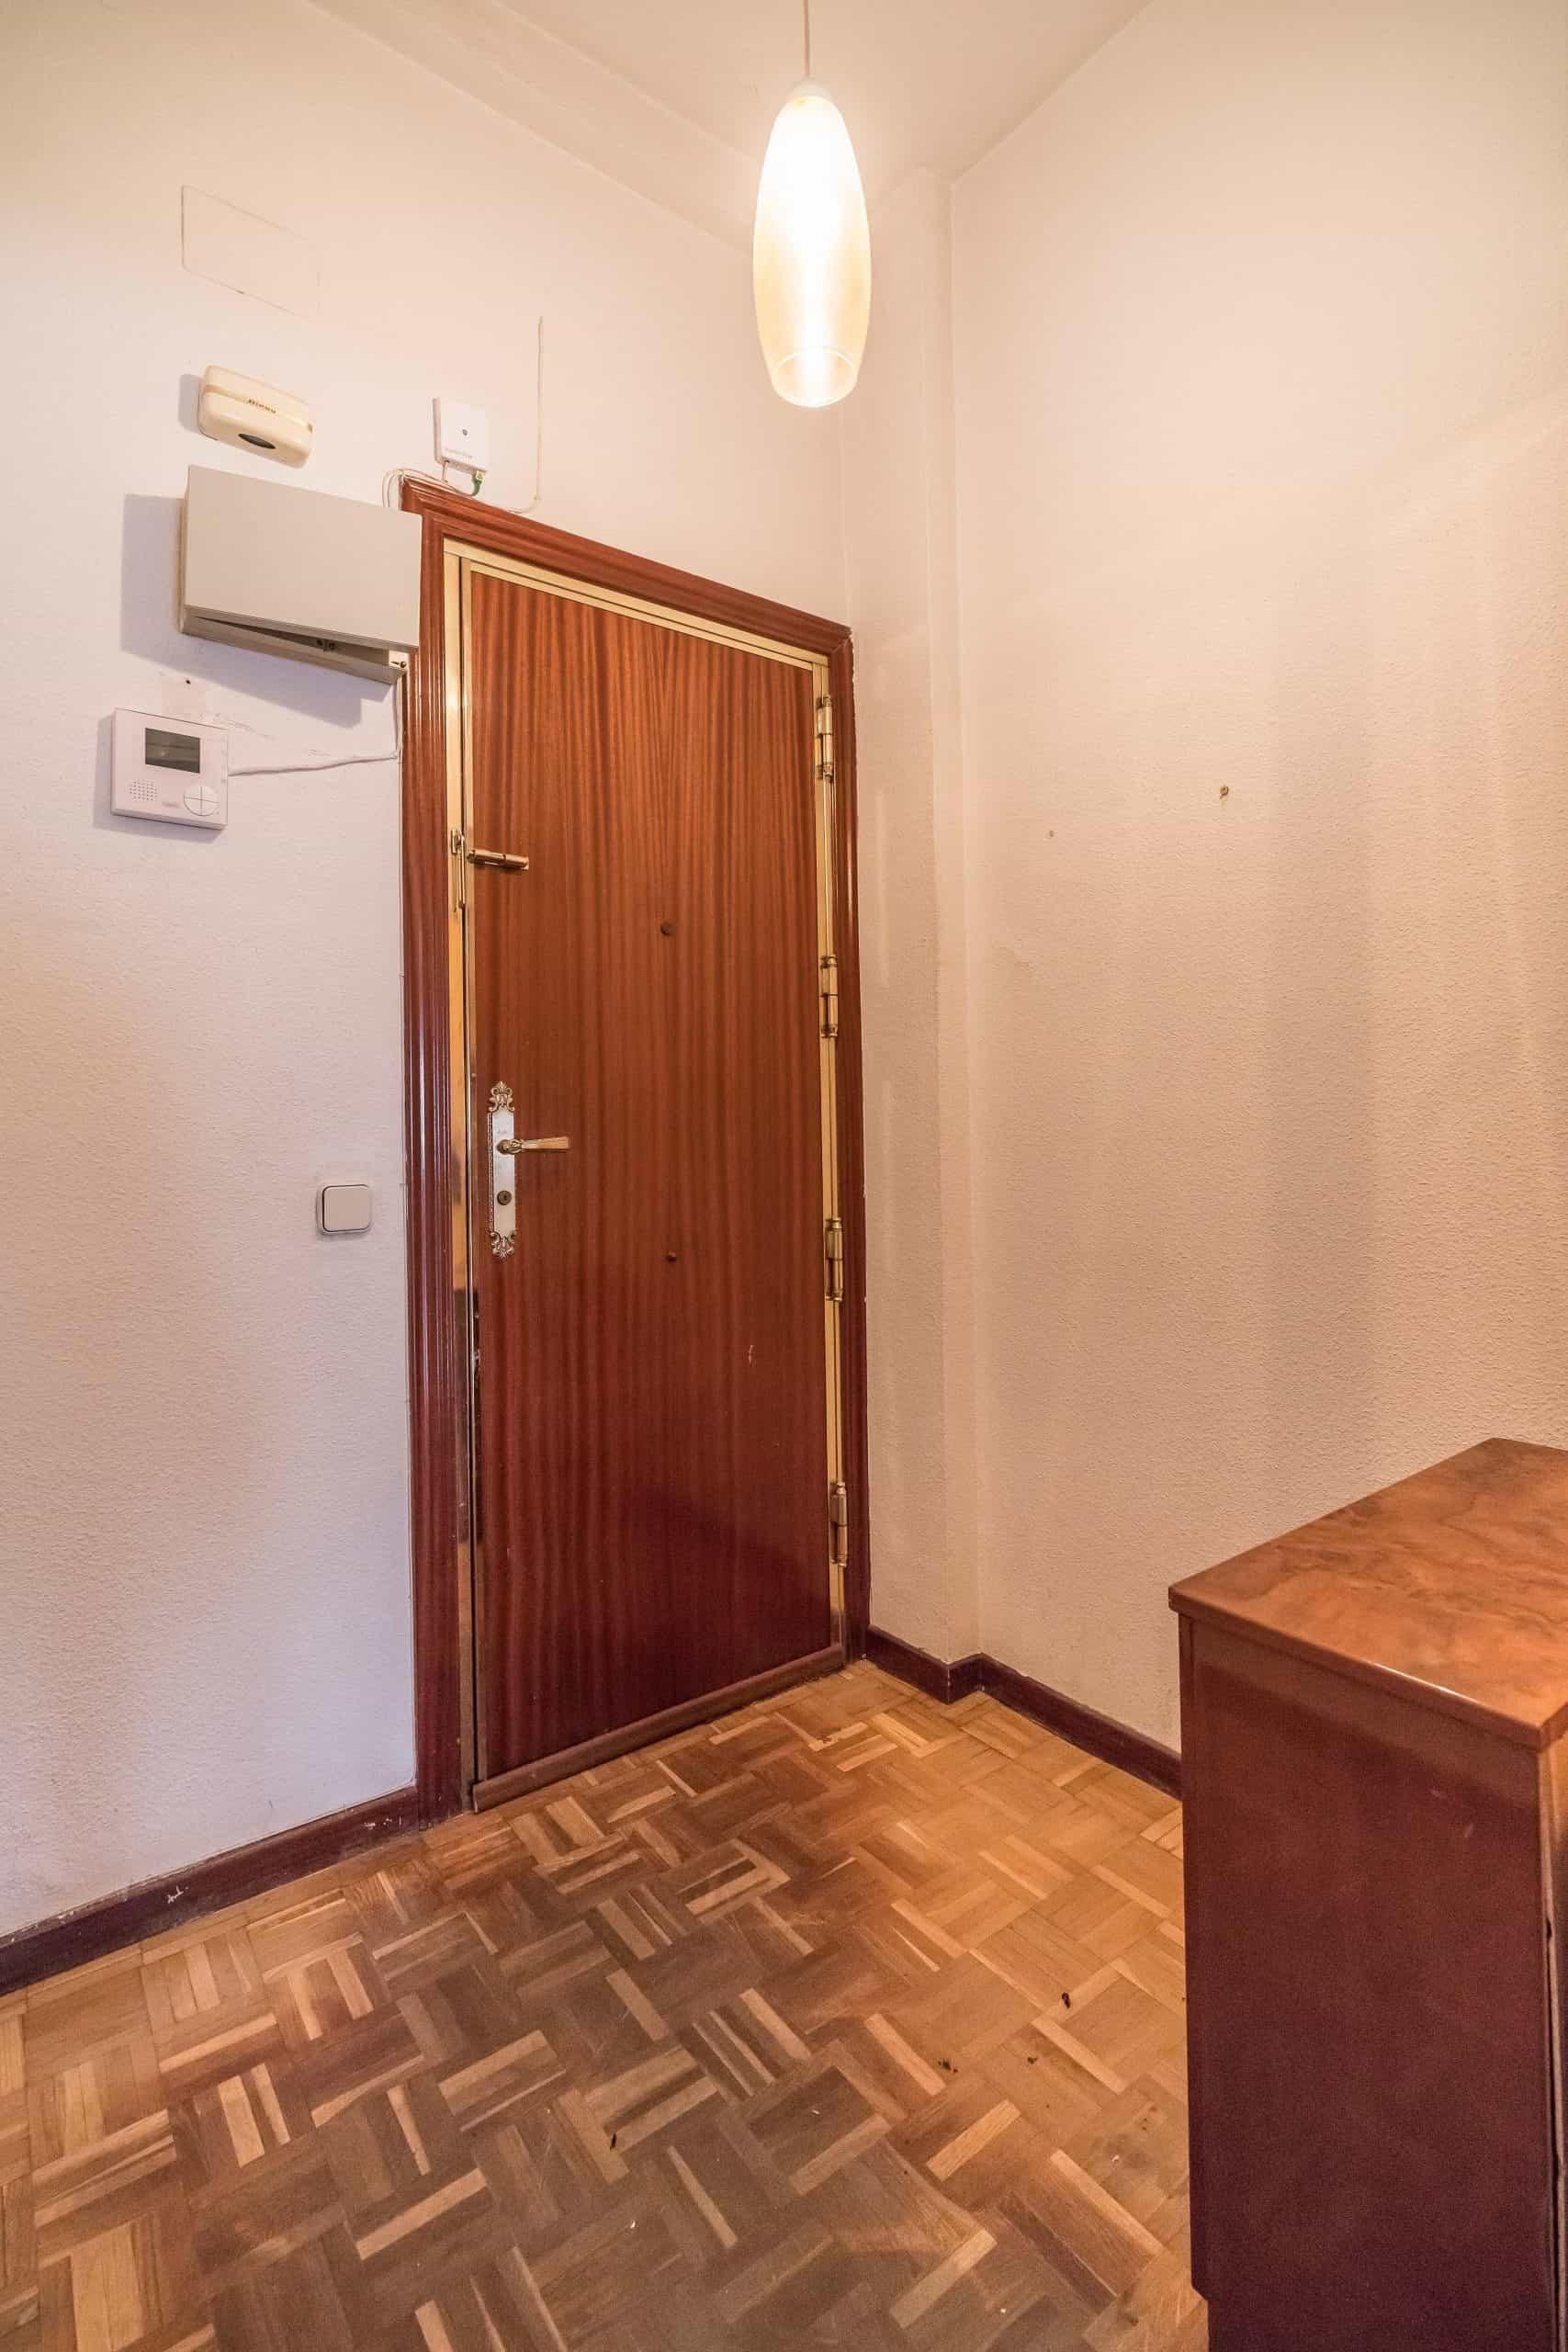 Agencia Inmobiliaria de Madrid-FUTUROCASA-Zona ARGANZUELA-LEGAZPI -calle Jaime Conquistador 48- Entrada 1